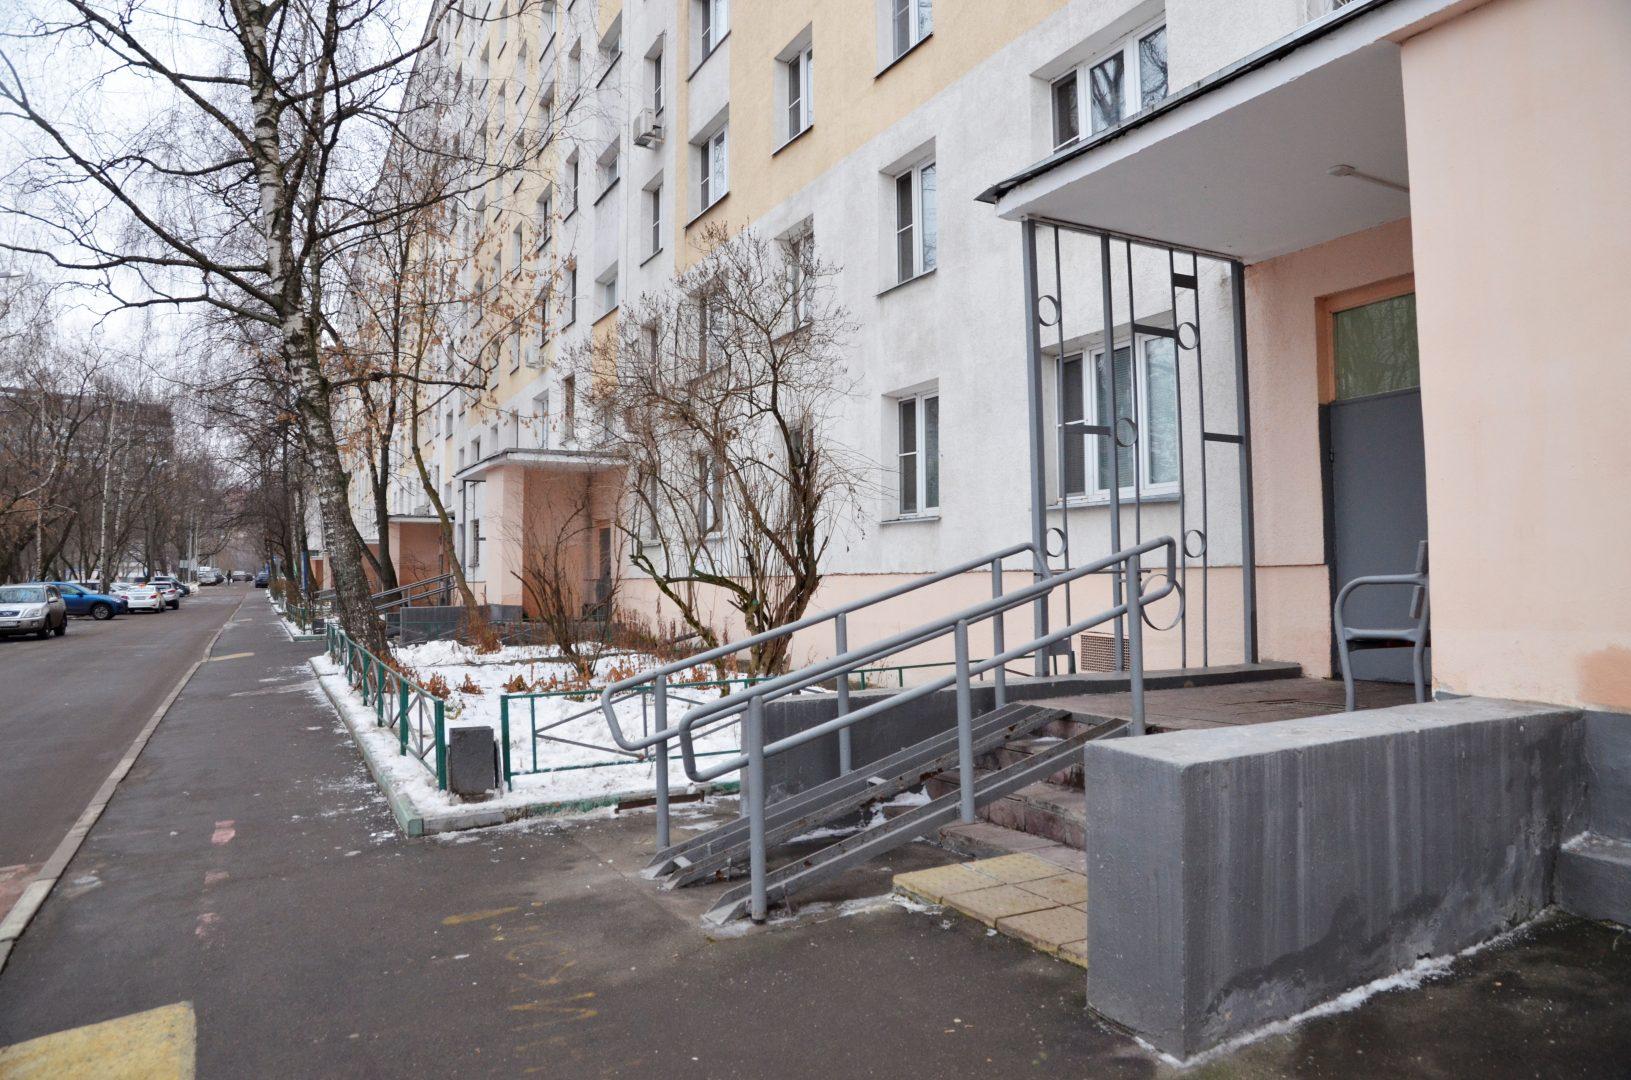 Ремонтные работы завершили в одном из многоквартирных домов поселения Новофедоровское. Фото: Анна Быкова